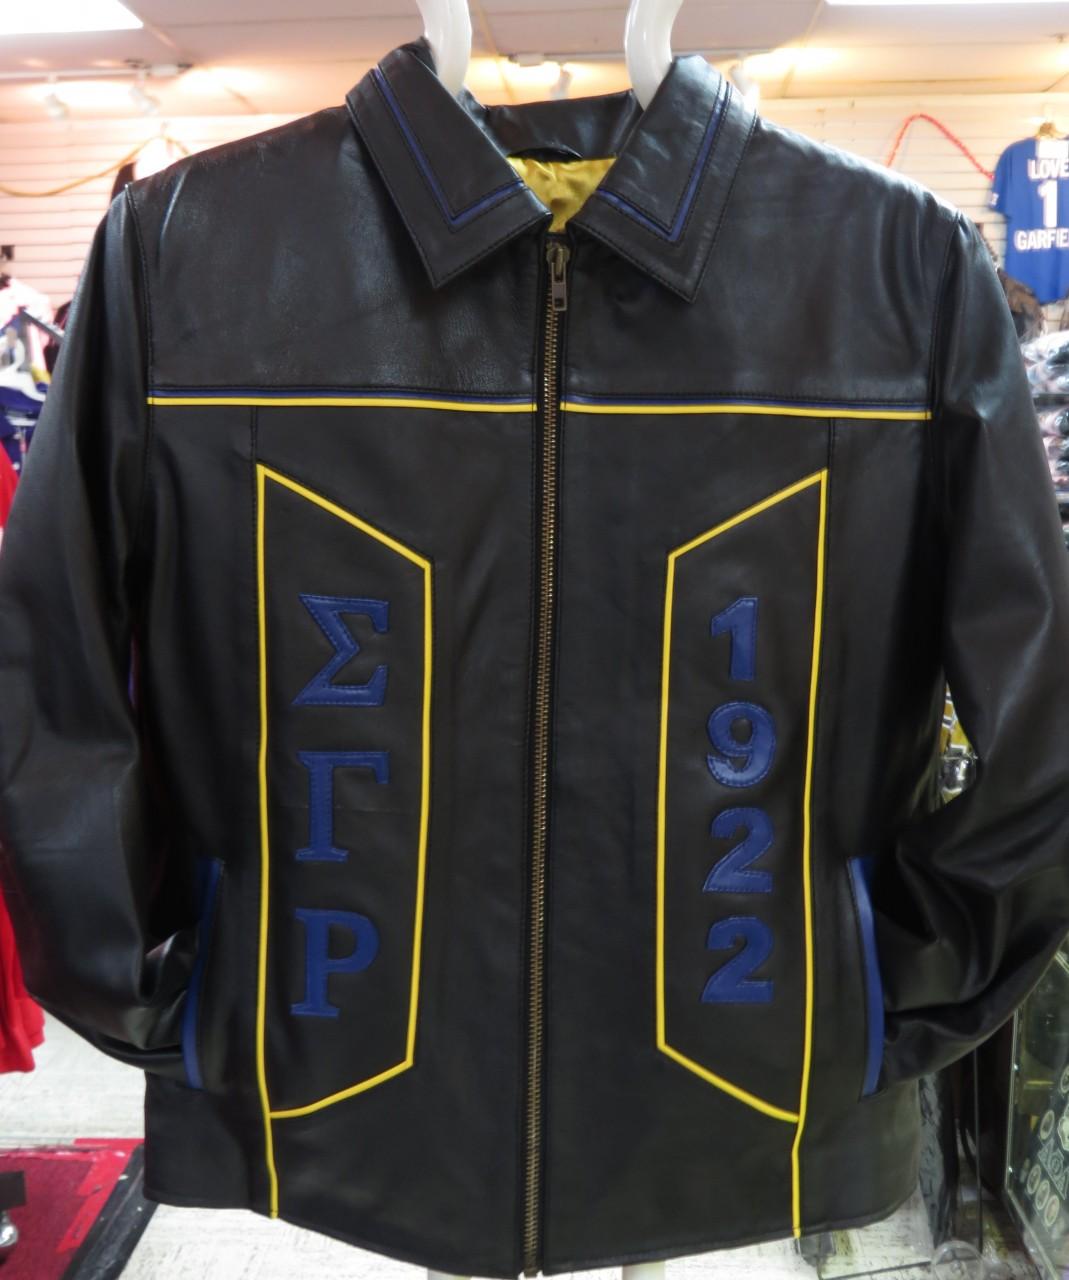 sigma gamma rho jackets